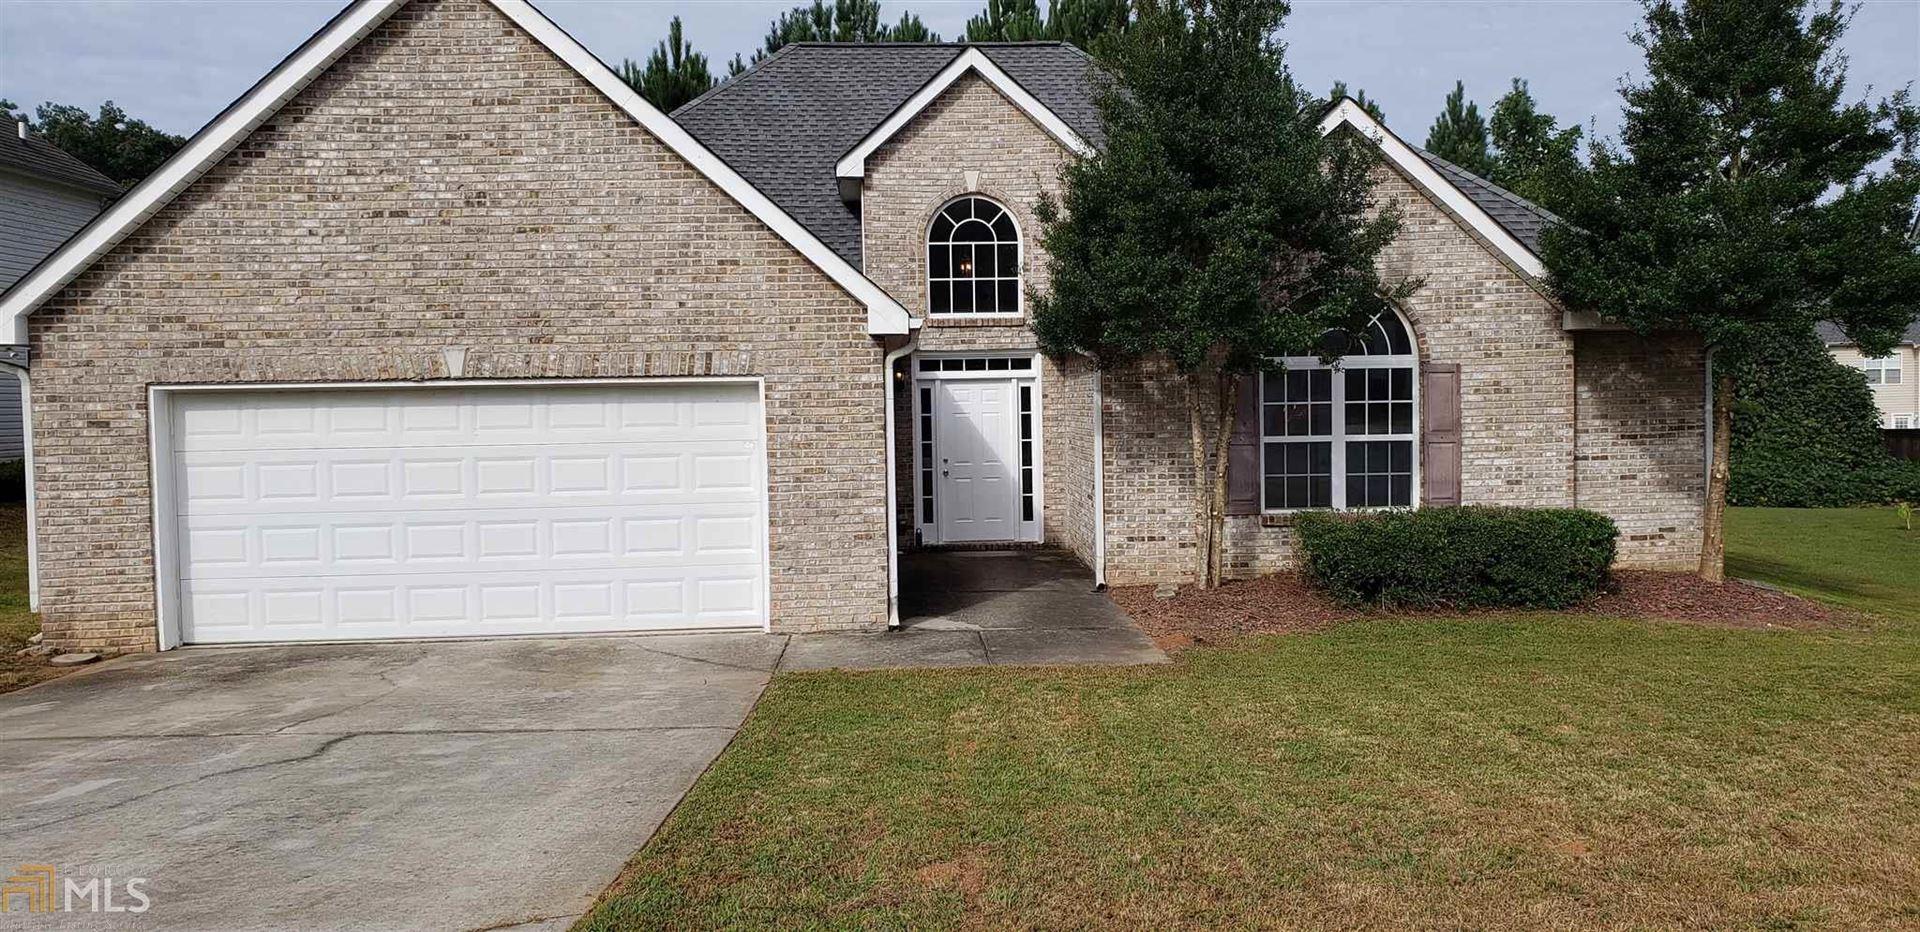 7905 Thrasher Ln, Jonesboro, GA 30236 - #: 8862629